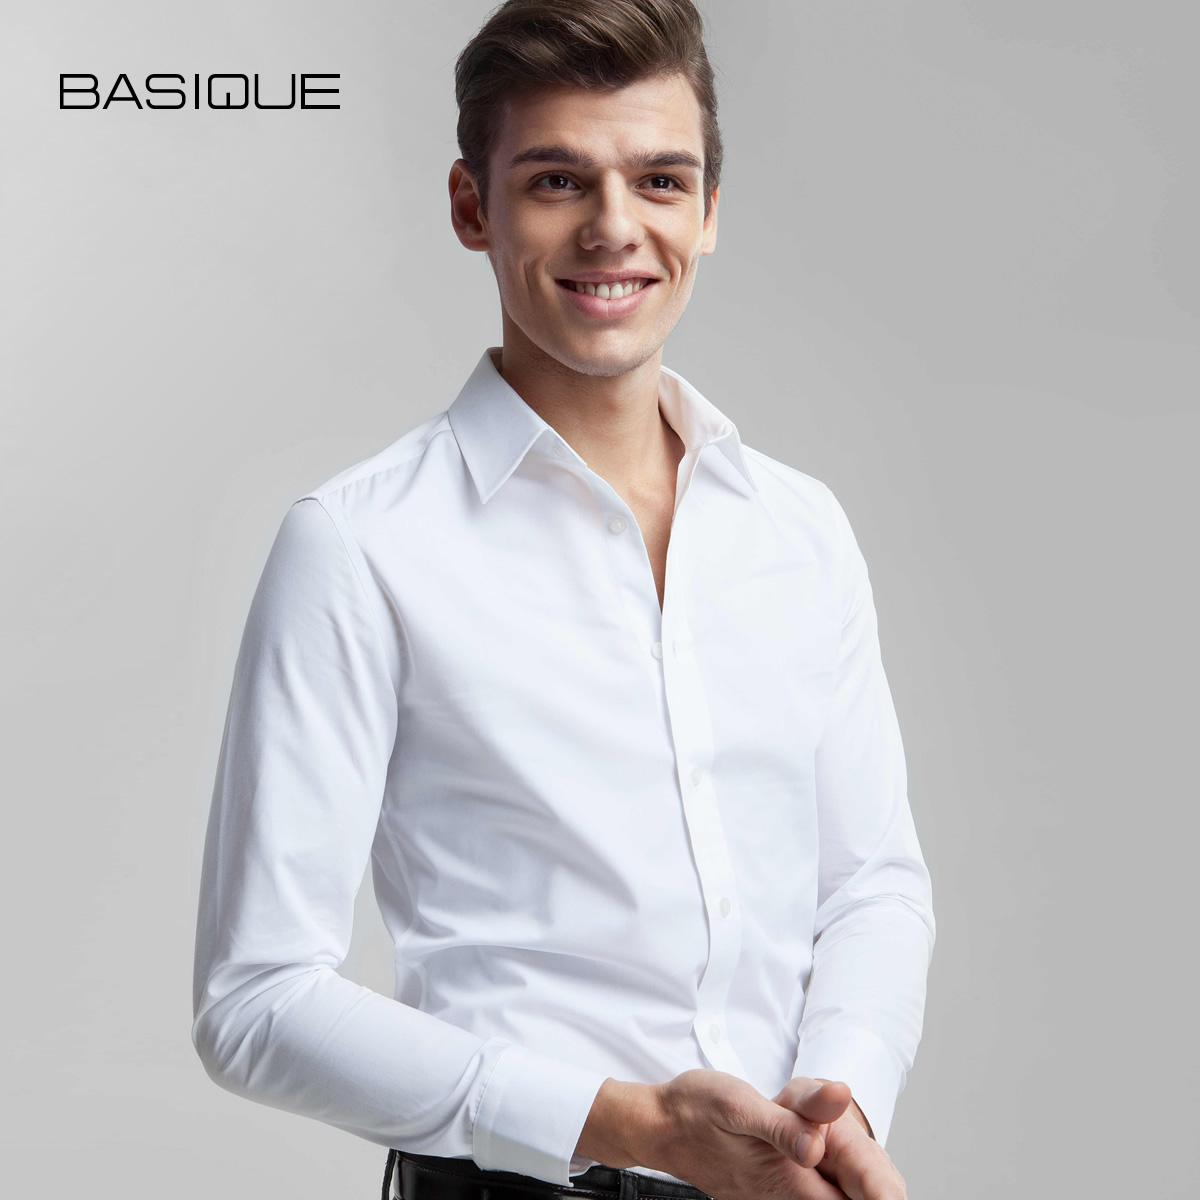 黑色衬衫 2件199 元本BASIQUE修身长袖衬衫男士秋季衬衣商务白色潮免烫正装_推荐淘宝好看的黑色衬衫